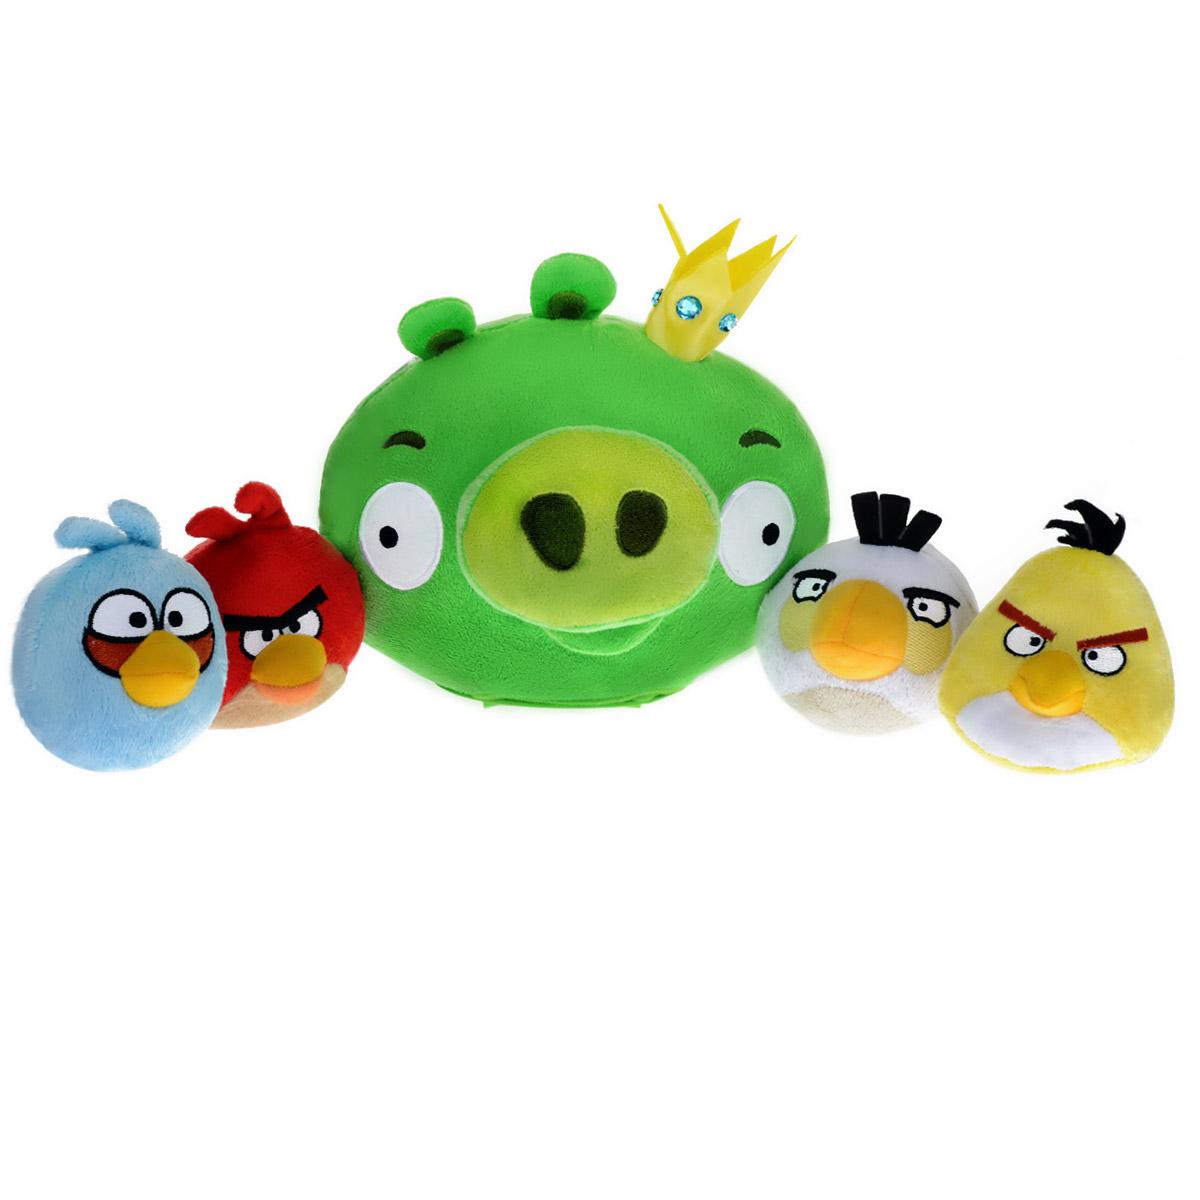 Интерактивная игра Angry Birds: Свинка в короне, 4 ПтичкиCTC-AB-3Интерактивная игра Angry Birds - это увлекательная игра для всей семьи, которая развивает меткость и ловкость. Цель игры - при помощи Птичек наказать зловредную Свинку, но это не так просто, ведь Свинка убегает и уворачивается. Необходимо включить Свинку и поставить на ровную поверхность. Игрушка, оснащенная датчиком движения, начнет перемещаться. Нужно запускать Птичек, стараясь попасть ими в Свинку. Игра предусматривает два режима: классический, в котором для победы нужно попасть Птичкой в свинку 3 раза подряд за короткий срок, и как попало!, в котором нельзя предугадать, от попадания какой Птички Свинка будет повержена. Свинка при движении и попаданиях в нее Птичек издает забавные звуки. В комплект игры входят мягкая интерактивная игрушка в виде Свинки в короне, четыре мягких игрушки в виде Птичек и правила игры на русском языке. Игрушки выполнены в виде персонажей популярной компьютерной игры Angry Birds. Ваш ребенок будет в восторге от такого подарка! ...